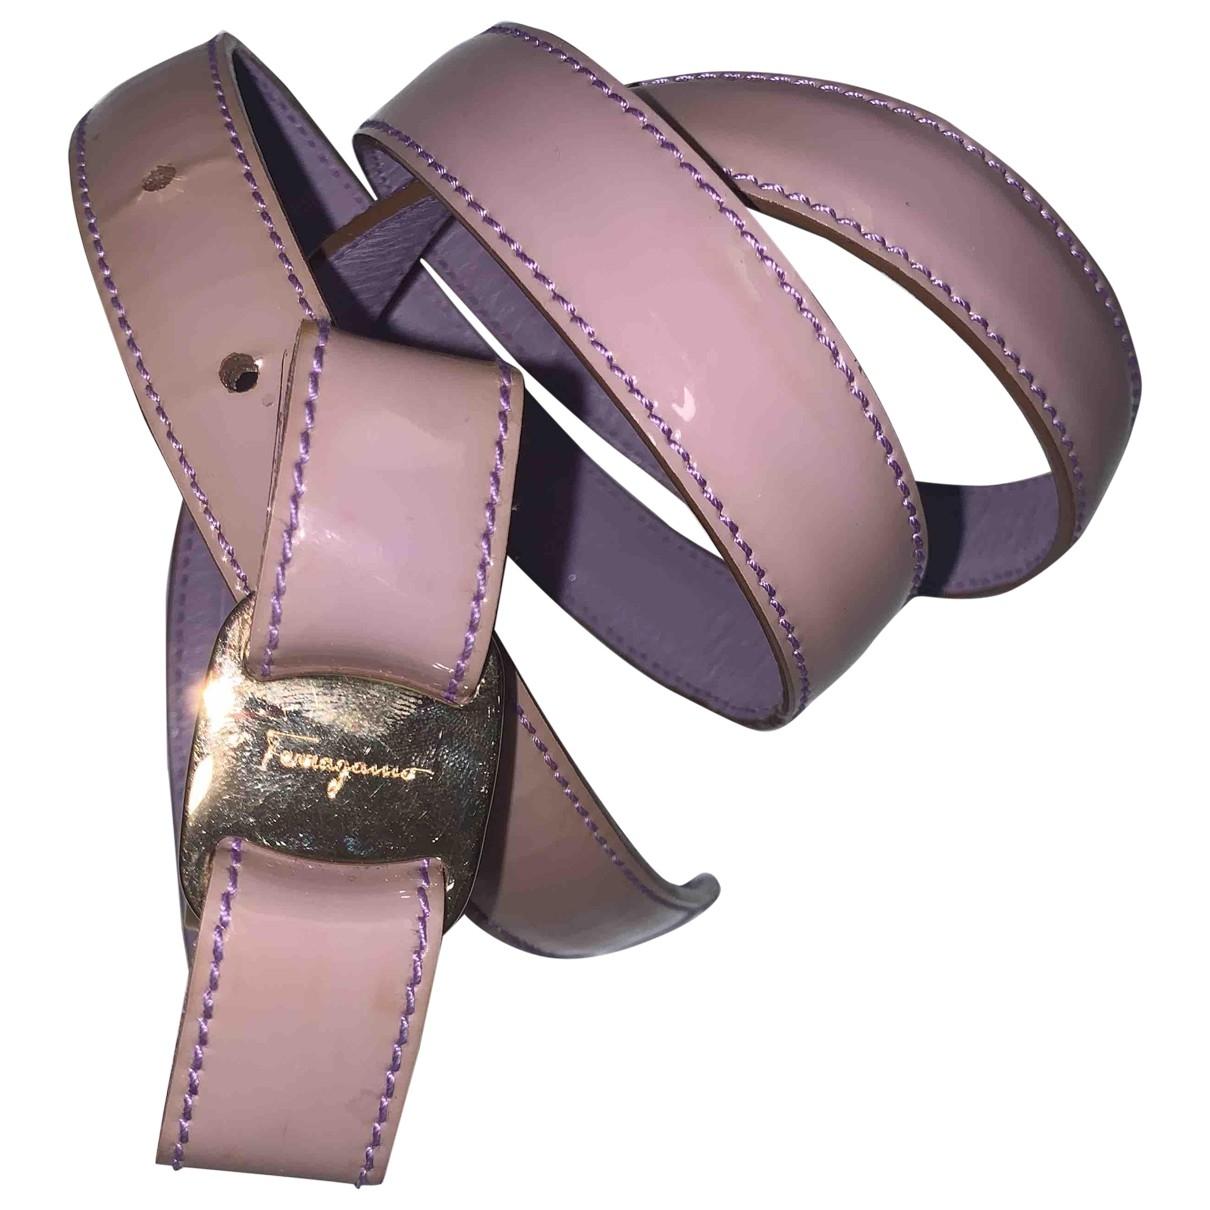 Cinturon de Charol Salvatore Ferragamo